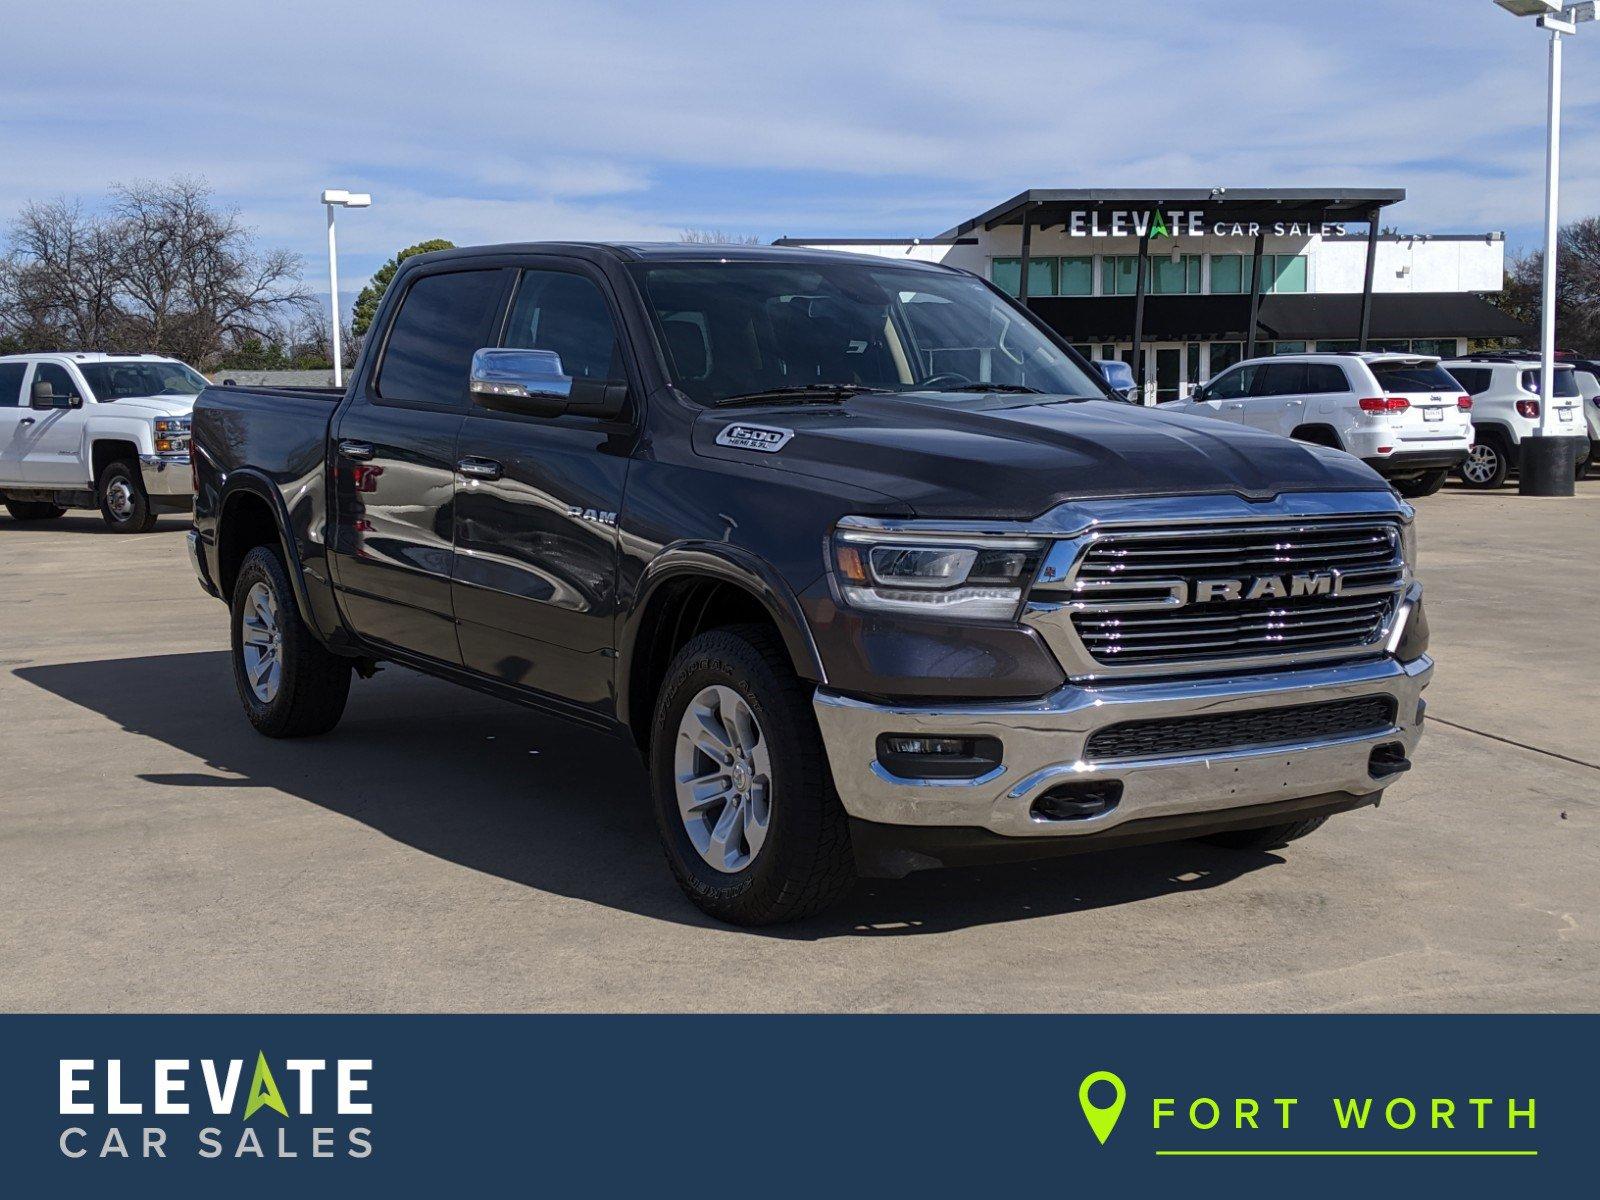 2019 RAM 1500 Laramie image